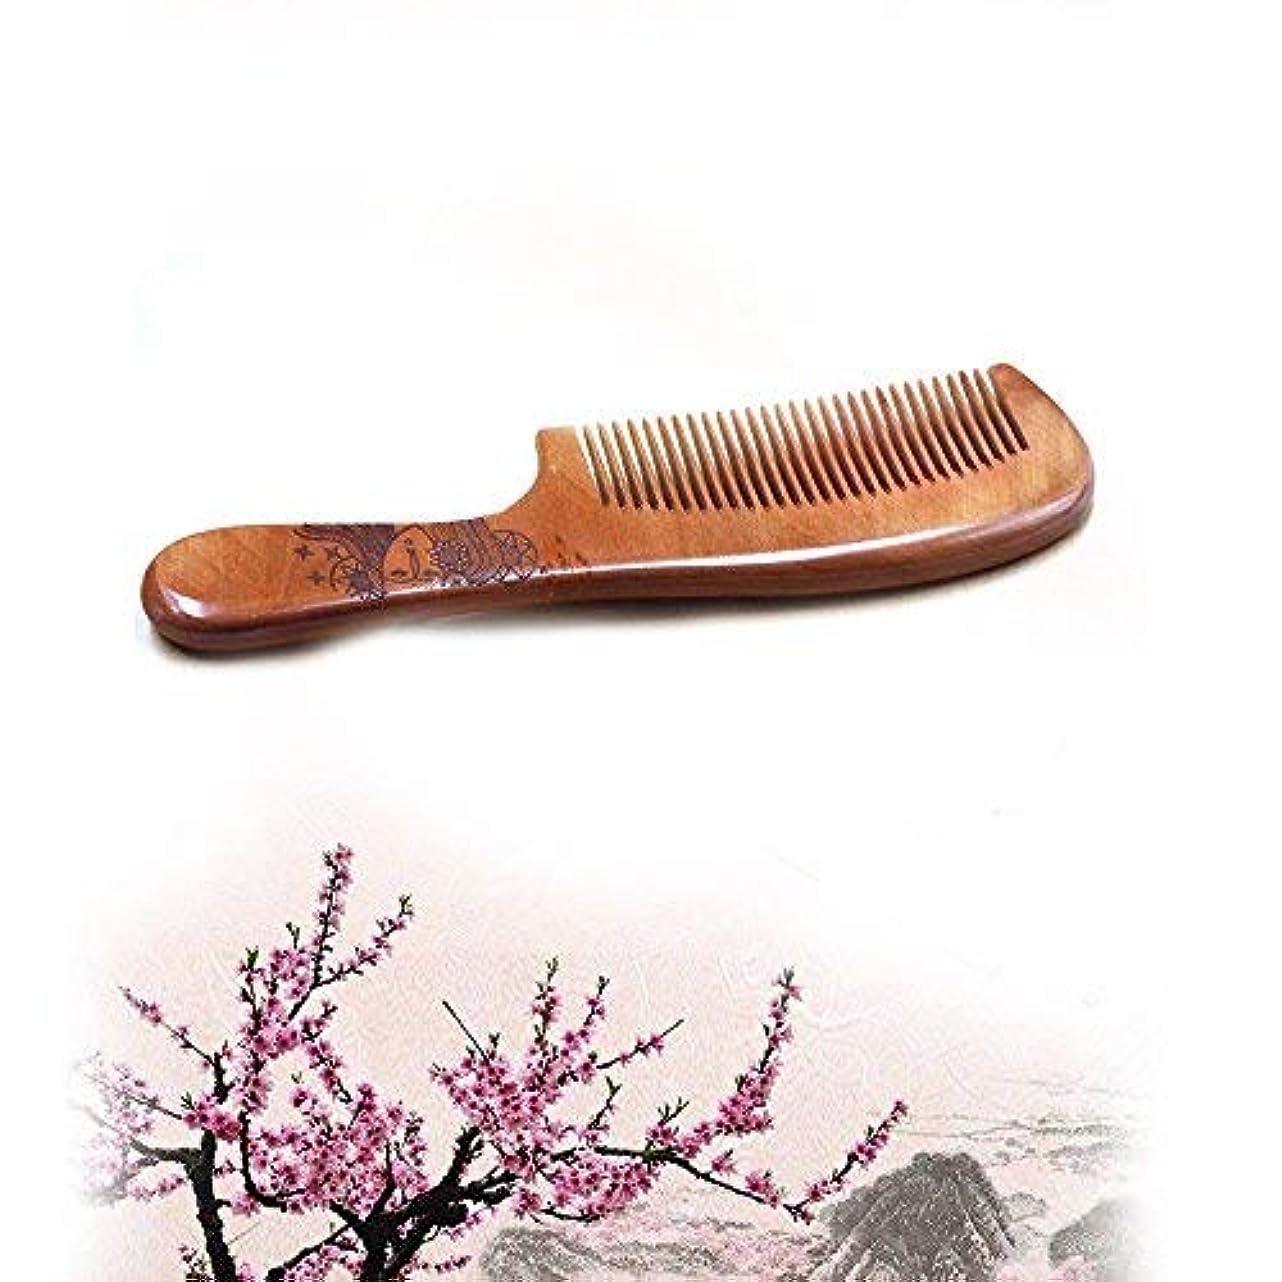 グラディス生き物派生するUniversal Natural Hair Comb,Victory Detangling Wooden Combs No Static Peach Wood for Men,Women and Kids (long)...